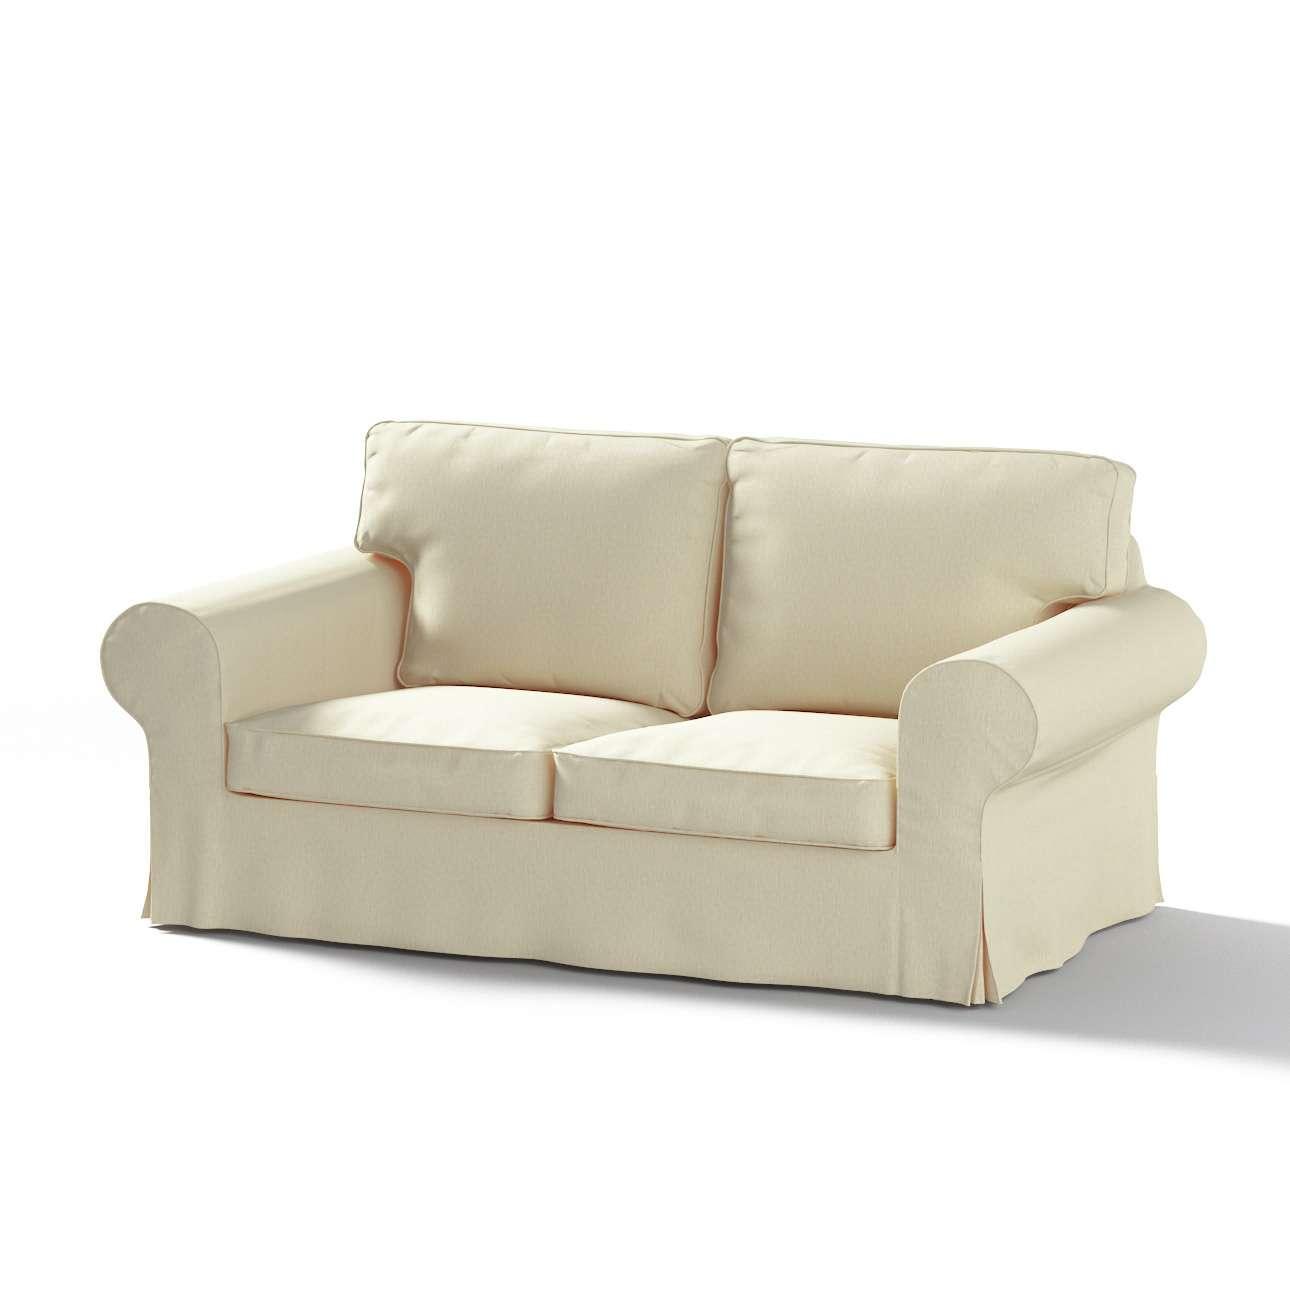 Bezug für Ektorp 2-Sitzer Schlafsofa ALTES Modell von der Kollektion Chenille, Stoff: 702-22